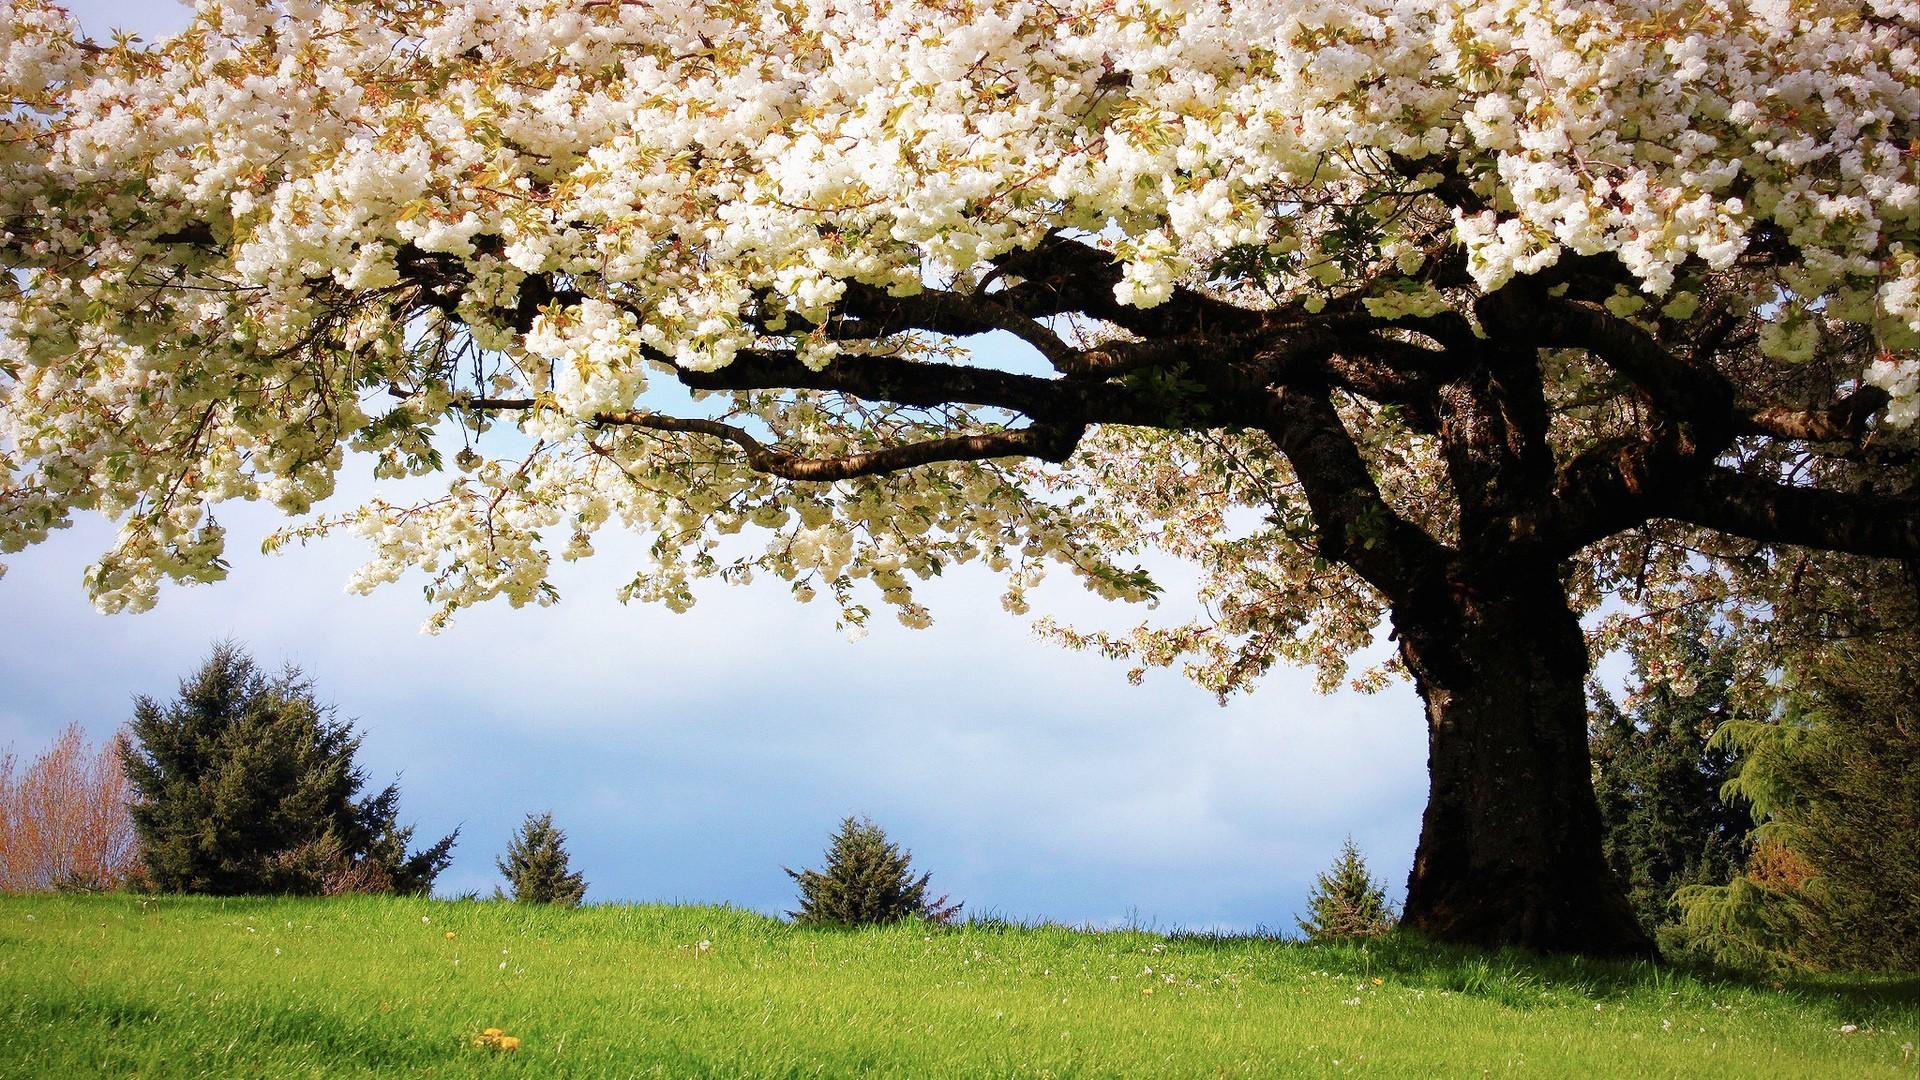 вас нет картинки весна красивые пейзажи вижу